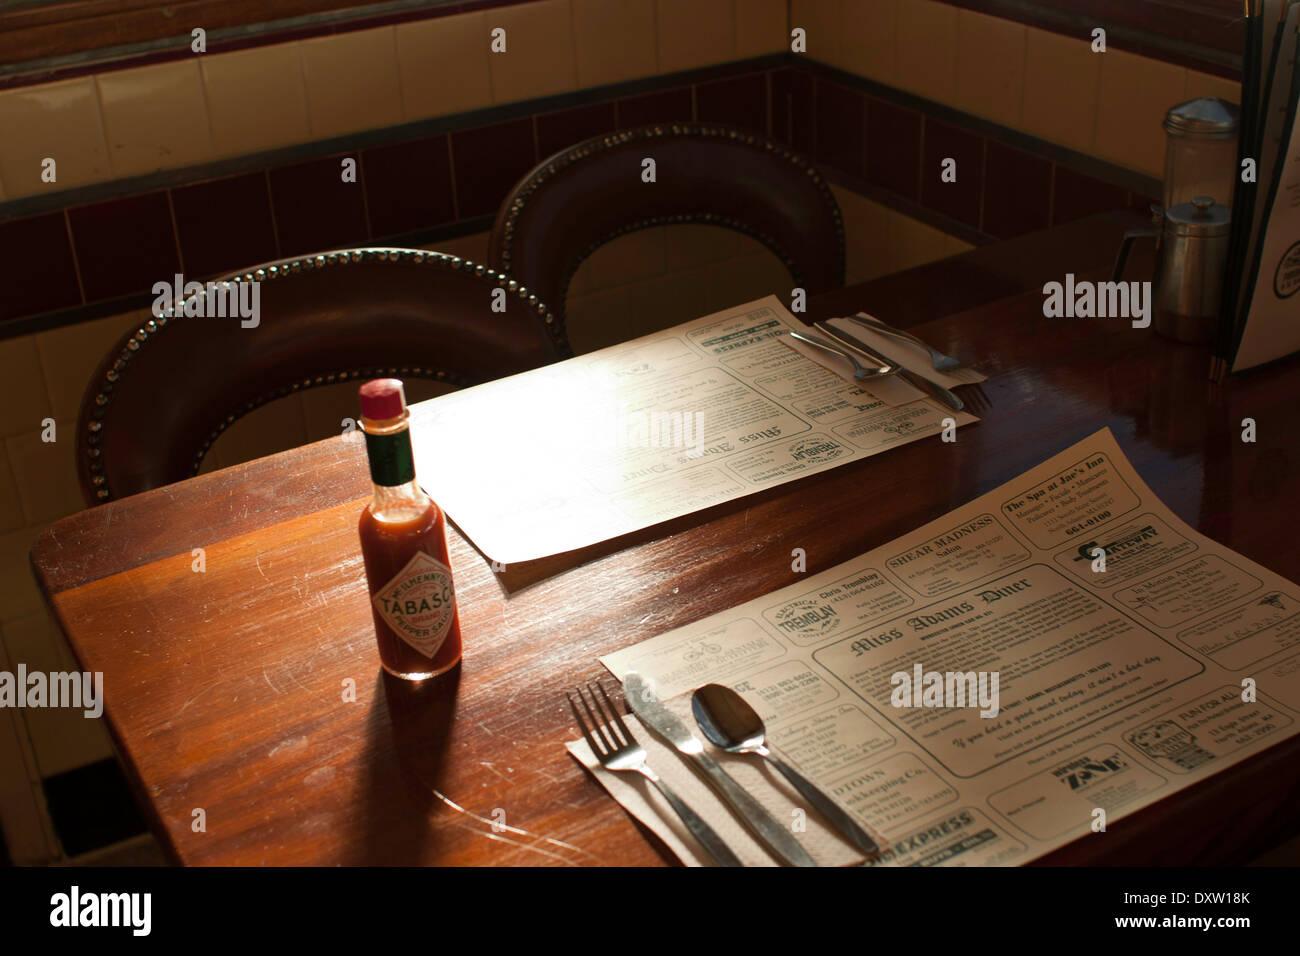 Diner Gewürze sitzen auf dem Tisch in einem Kleinstadt-Diner.  Tischsets werben lokale Unternehmen. Stockbild